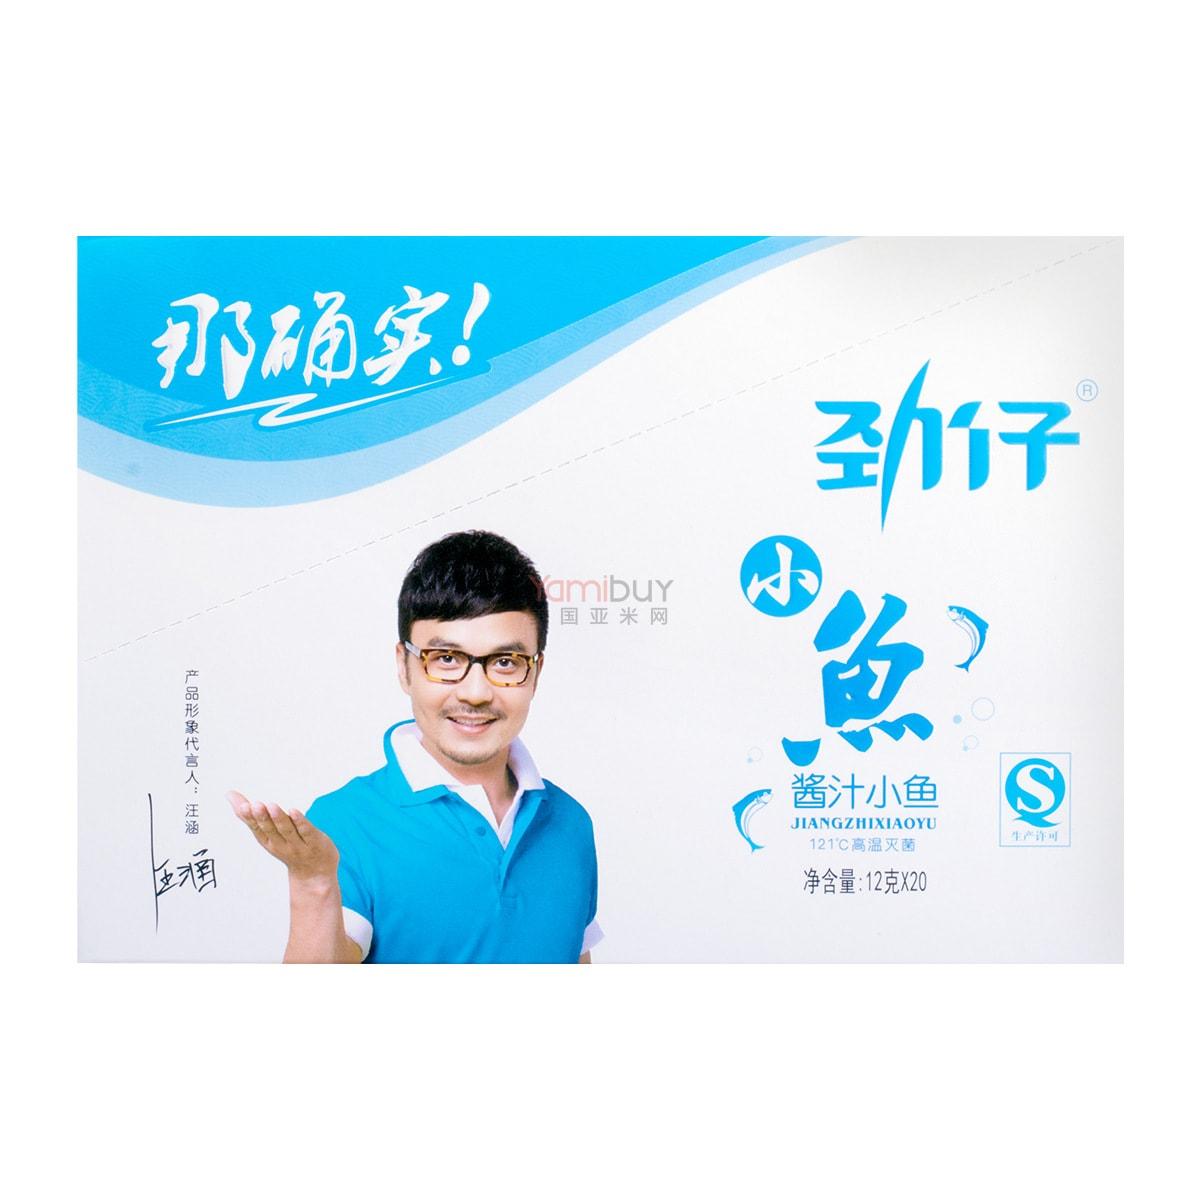 华文食品 劲仔小鱼 酱汁味 12g×20包入 湖南特产 汪涵代言